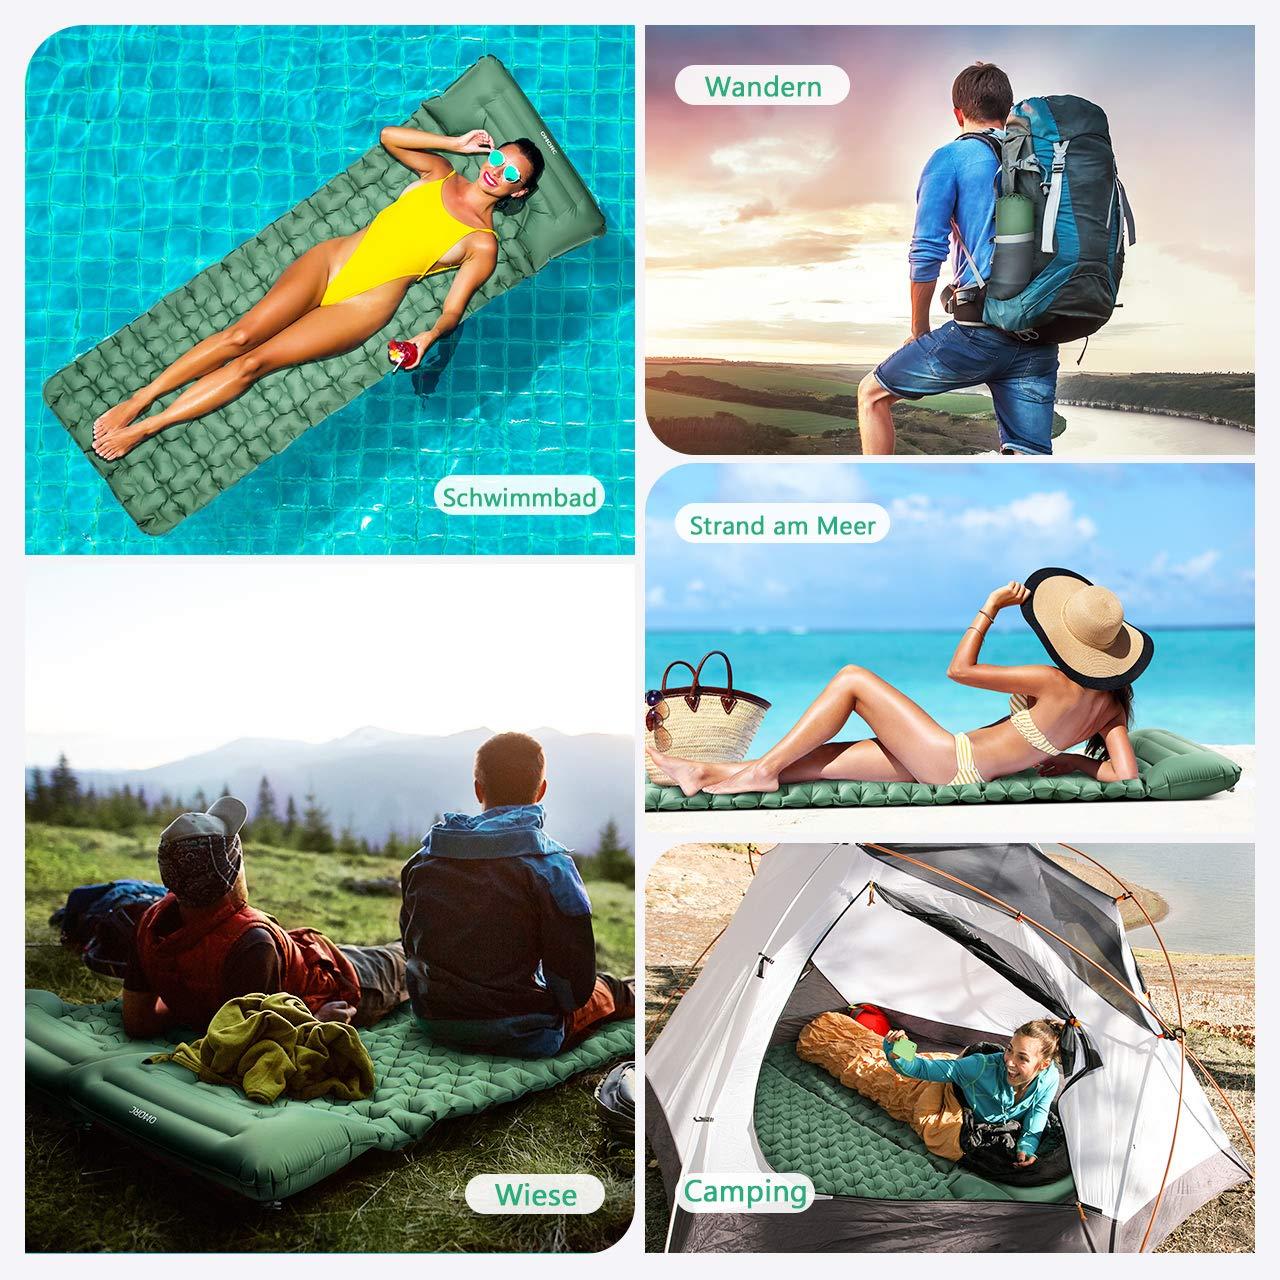 Tragbare Ultraleichte Haltbare Luftmatte/f/ür Camping Reise Outdoor Wandern Strand 199 * 70 * 12cm OMORC Aufblasbare Outdoor Luftmatratze Camping Isomatte mit Kissen